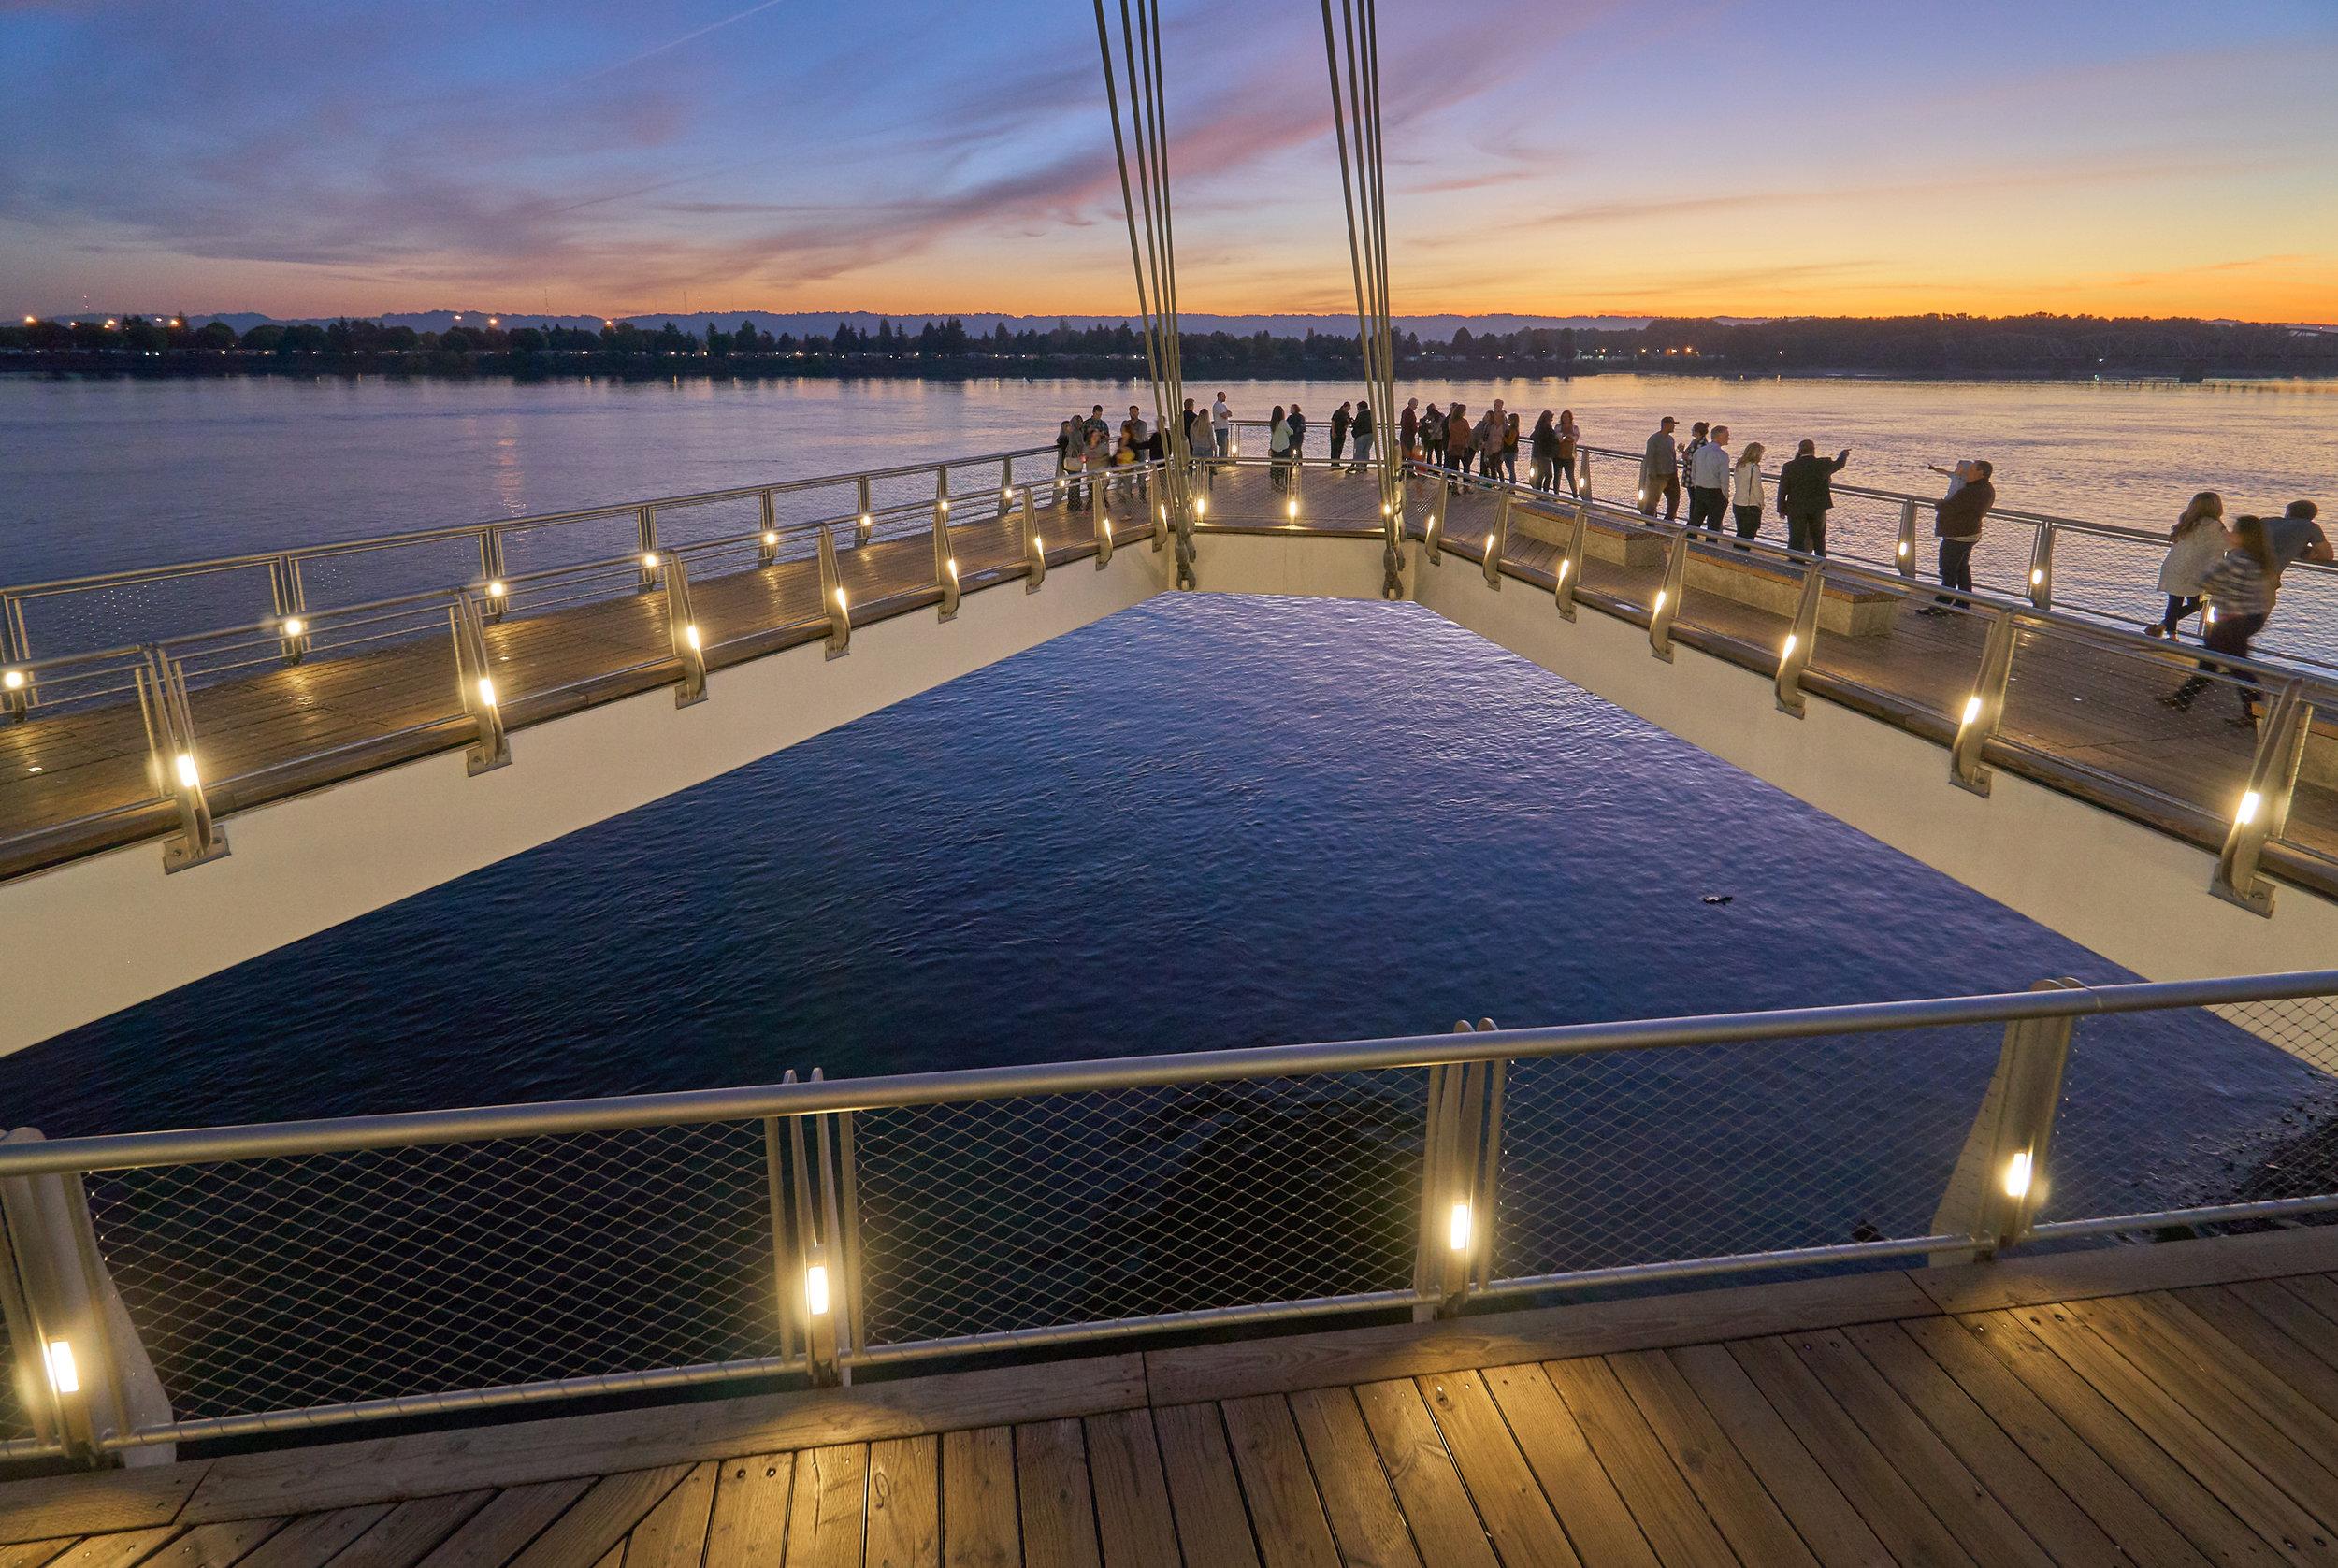 vancouver_waterfront park pier_larry kirkland_public art services_j grant projects_47.jpg